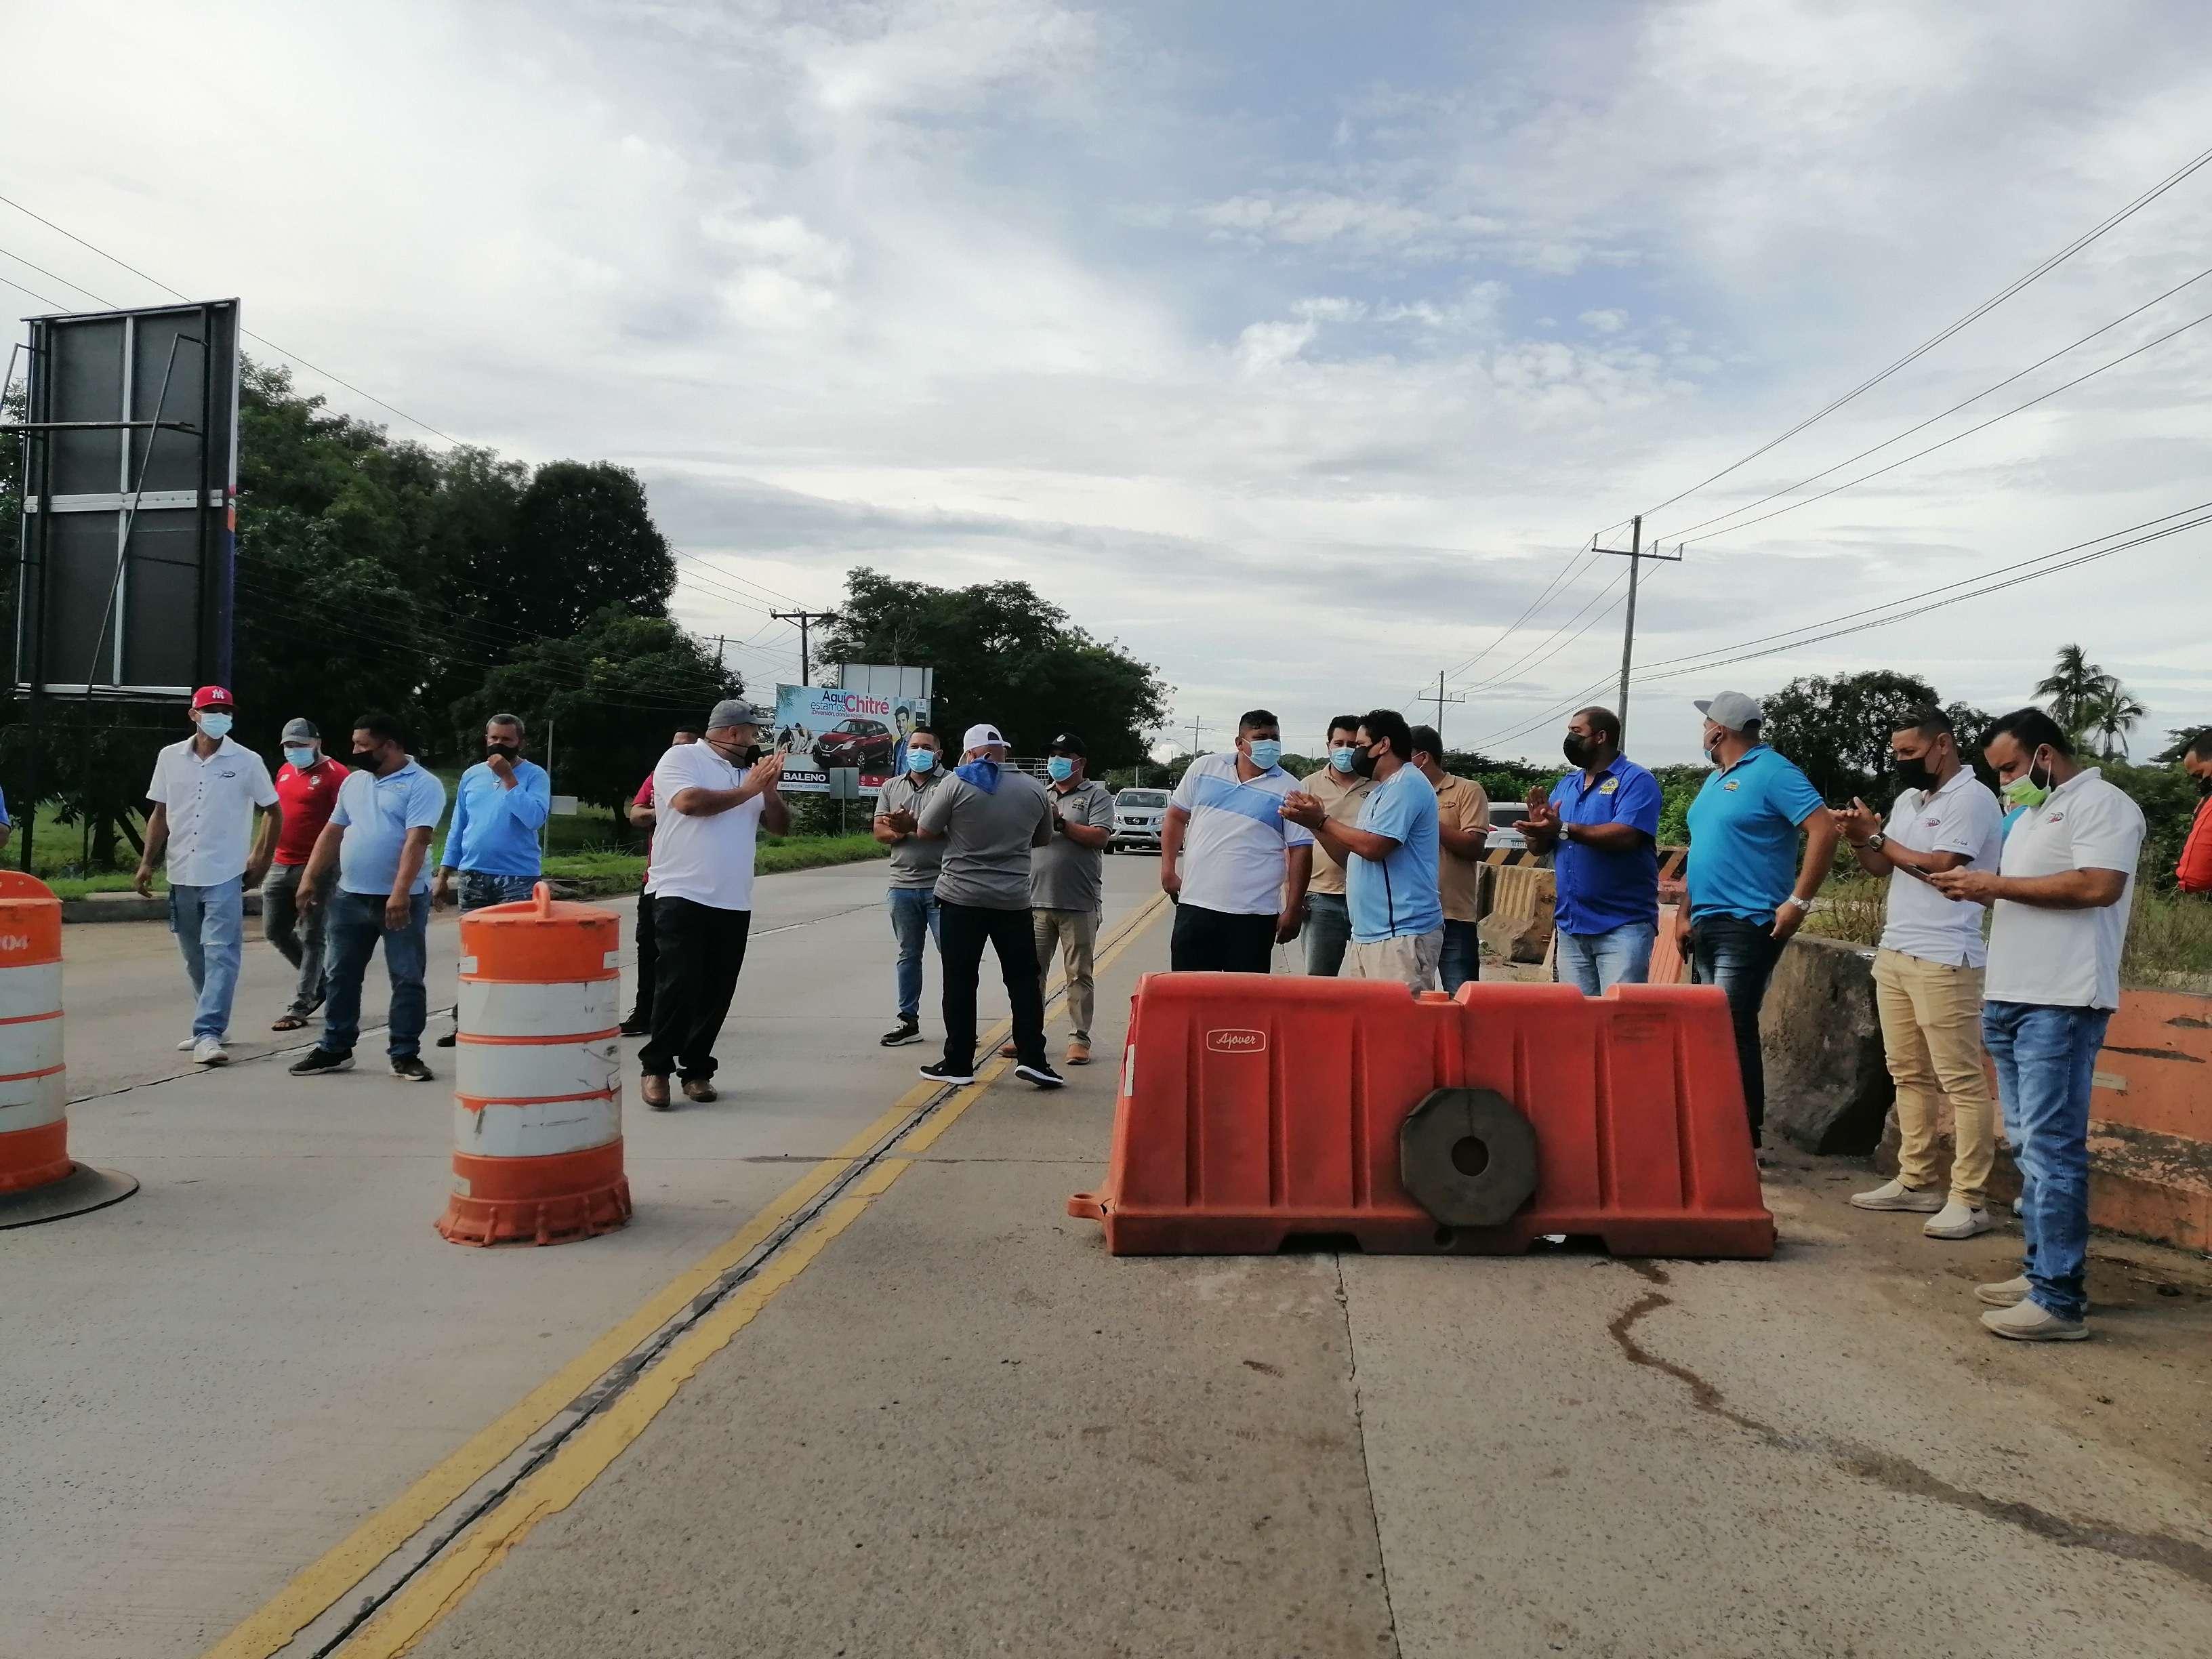 La protesta duró aproximadamente 30 minutos y causó un gran tranque vehicular.